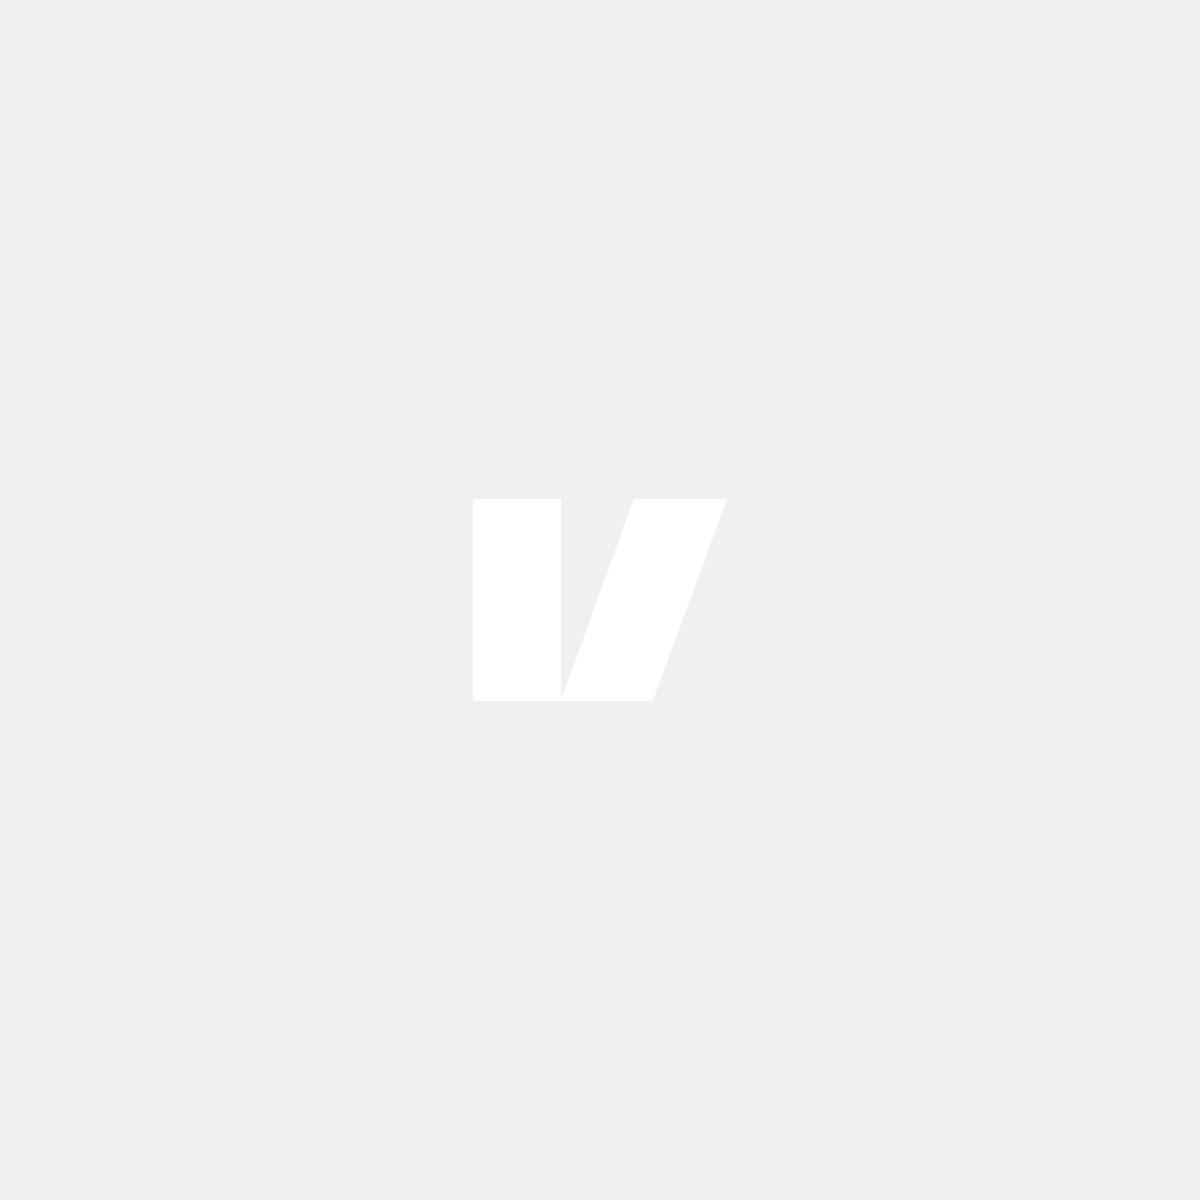 H&R sänkningsfjädersats 40mm, till Volvo S80 06-, XC60 09-